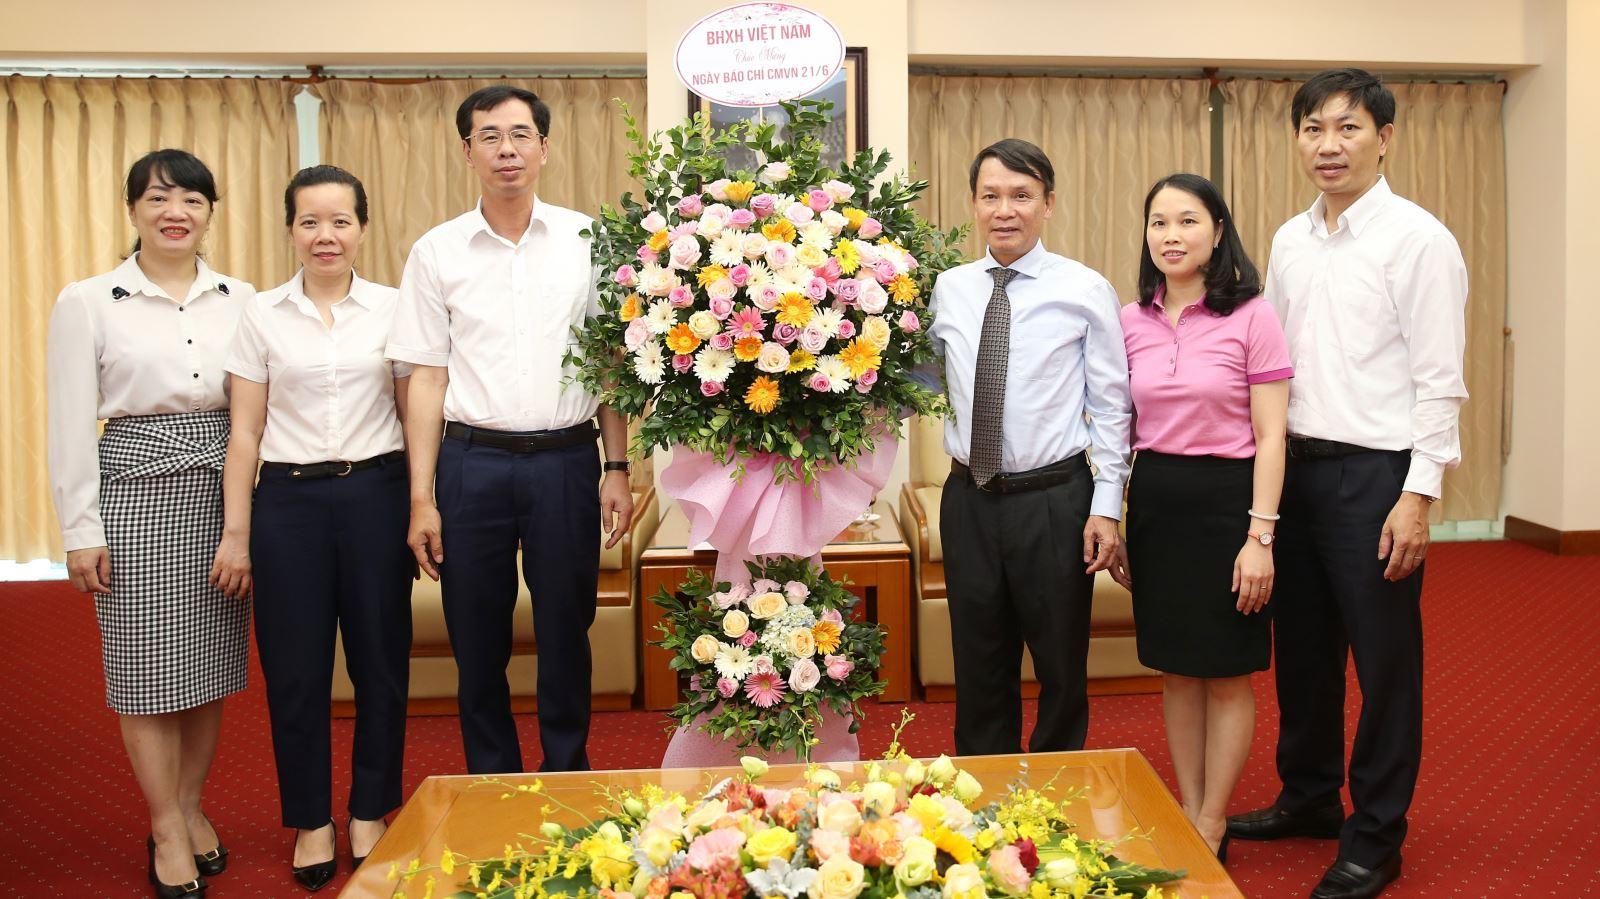 Lời cảm ơn của Thông tấn xã Việt Nam nhân kỷ niệm 95 năm Ngày Báo chí Cách mạng Việt Nam